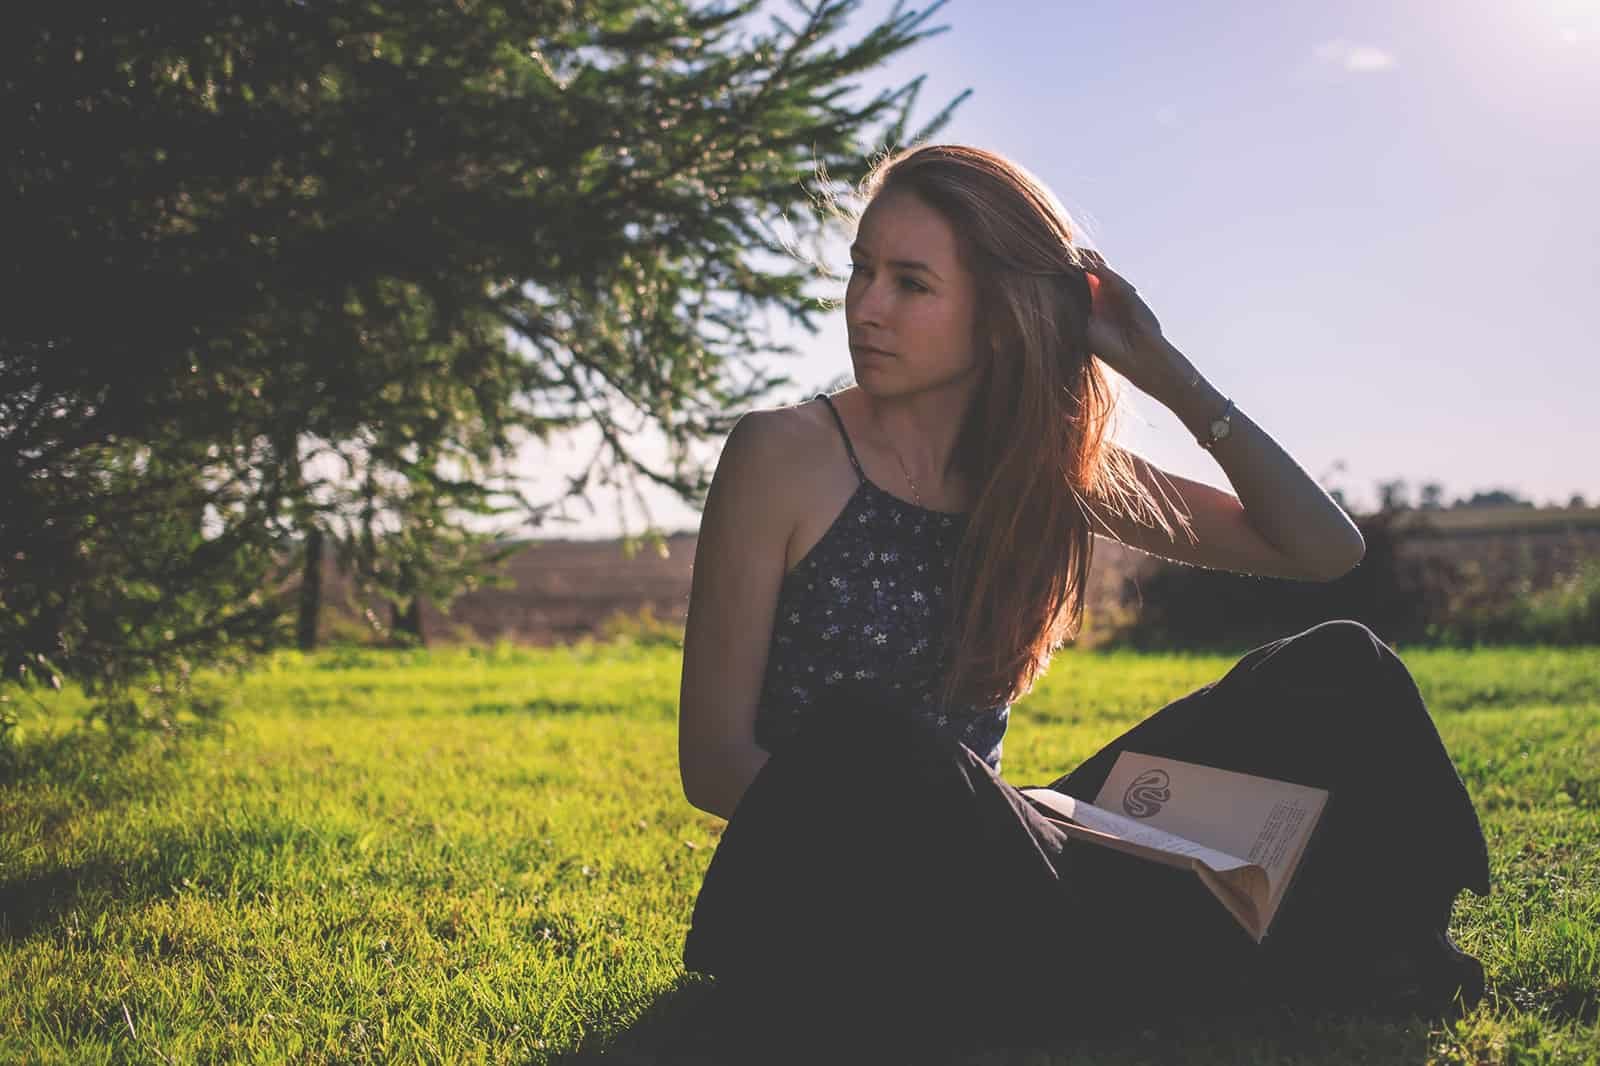 eine nachdenkliche Frau, die beiseite schaut, während sie ein Buch hält und auf dem Gras sitzt